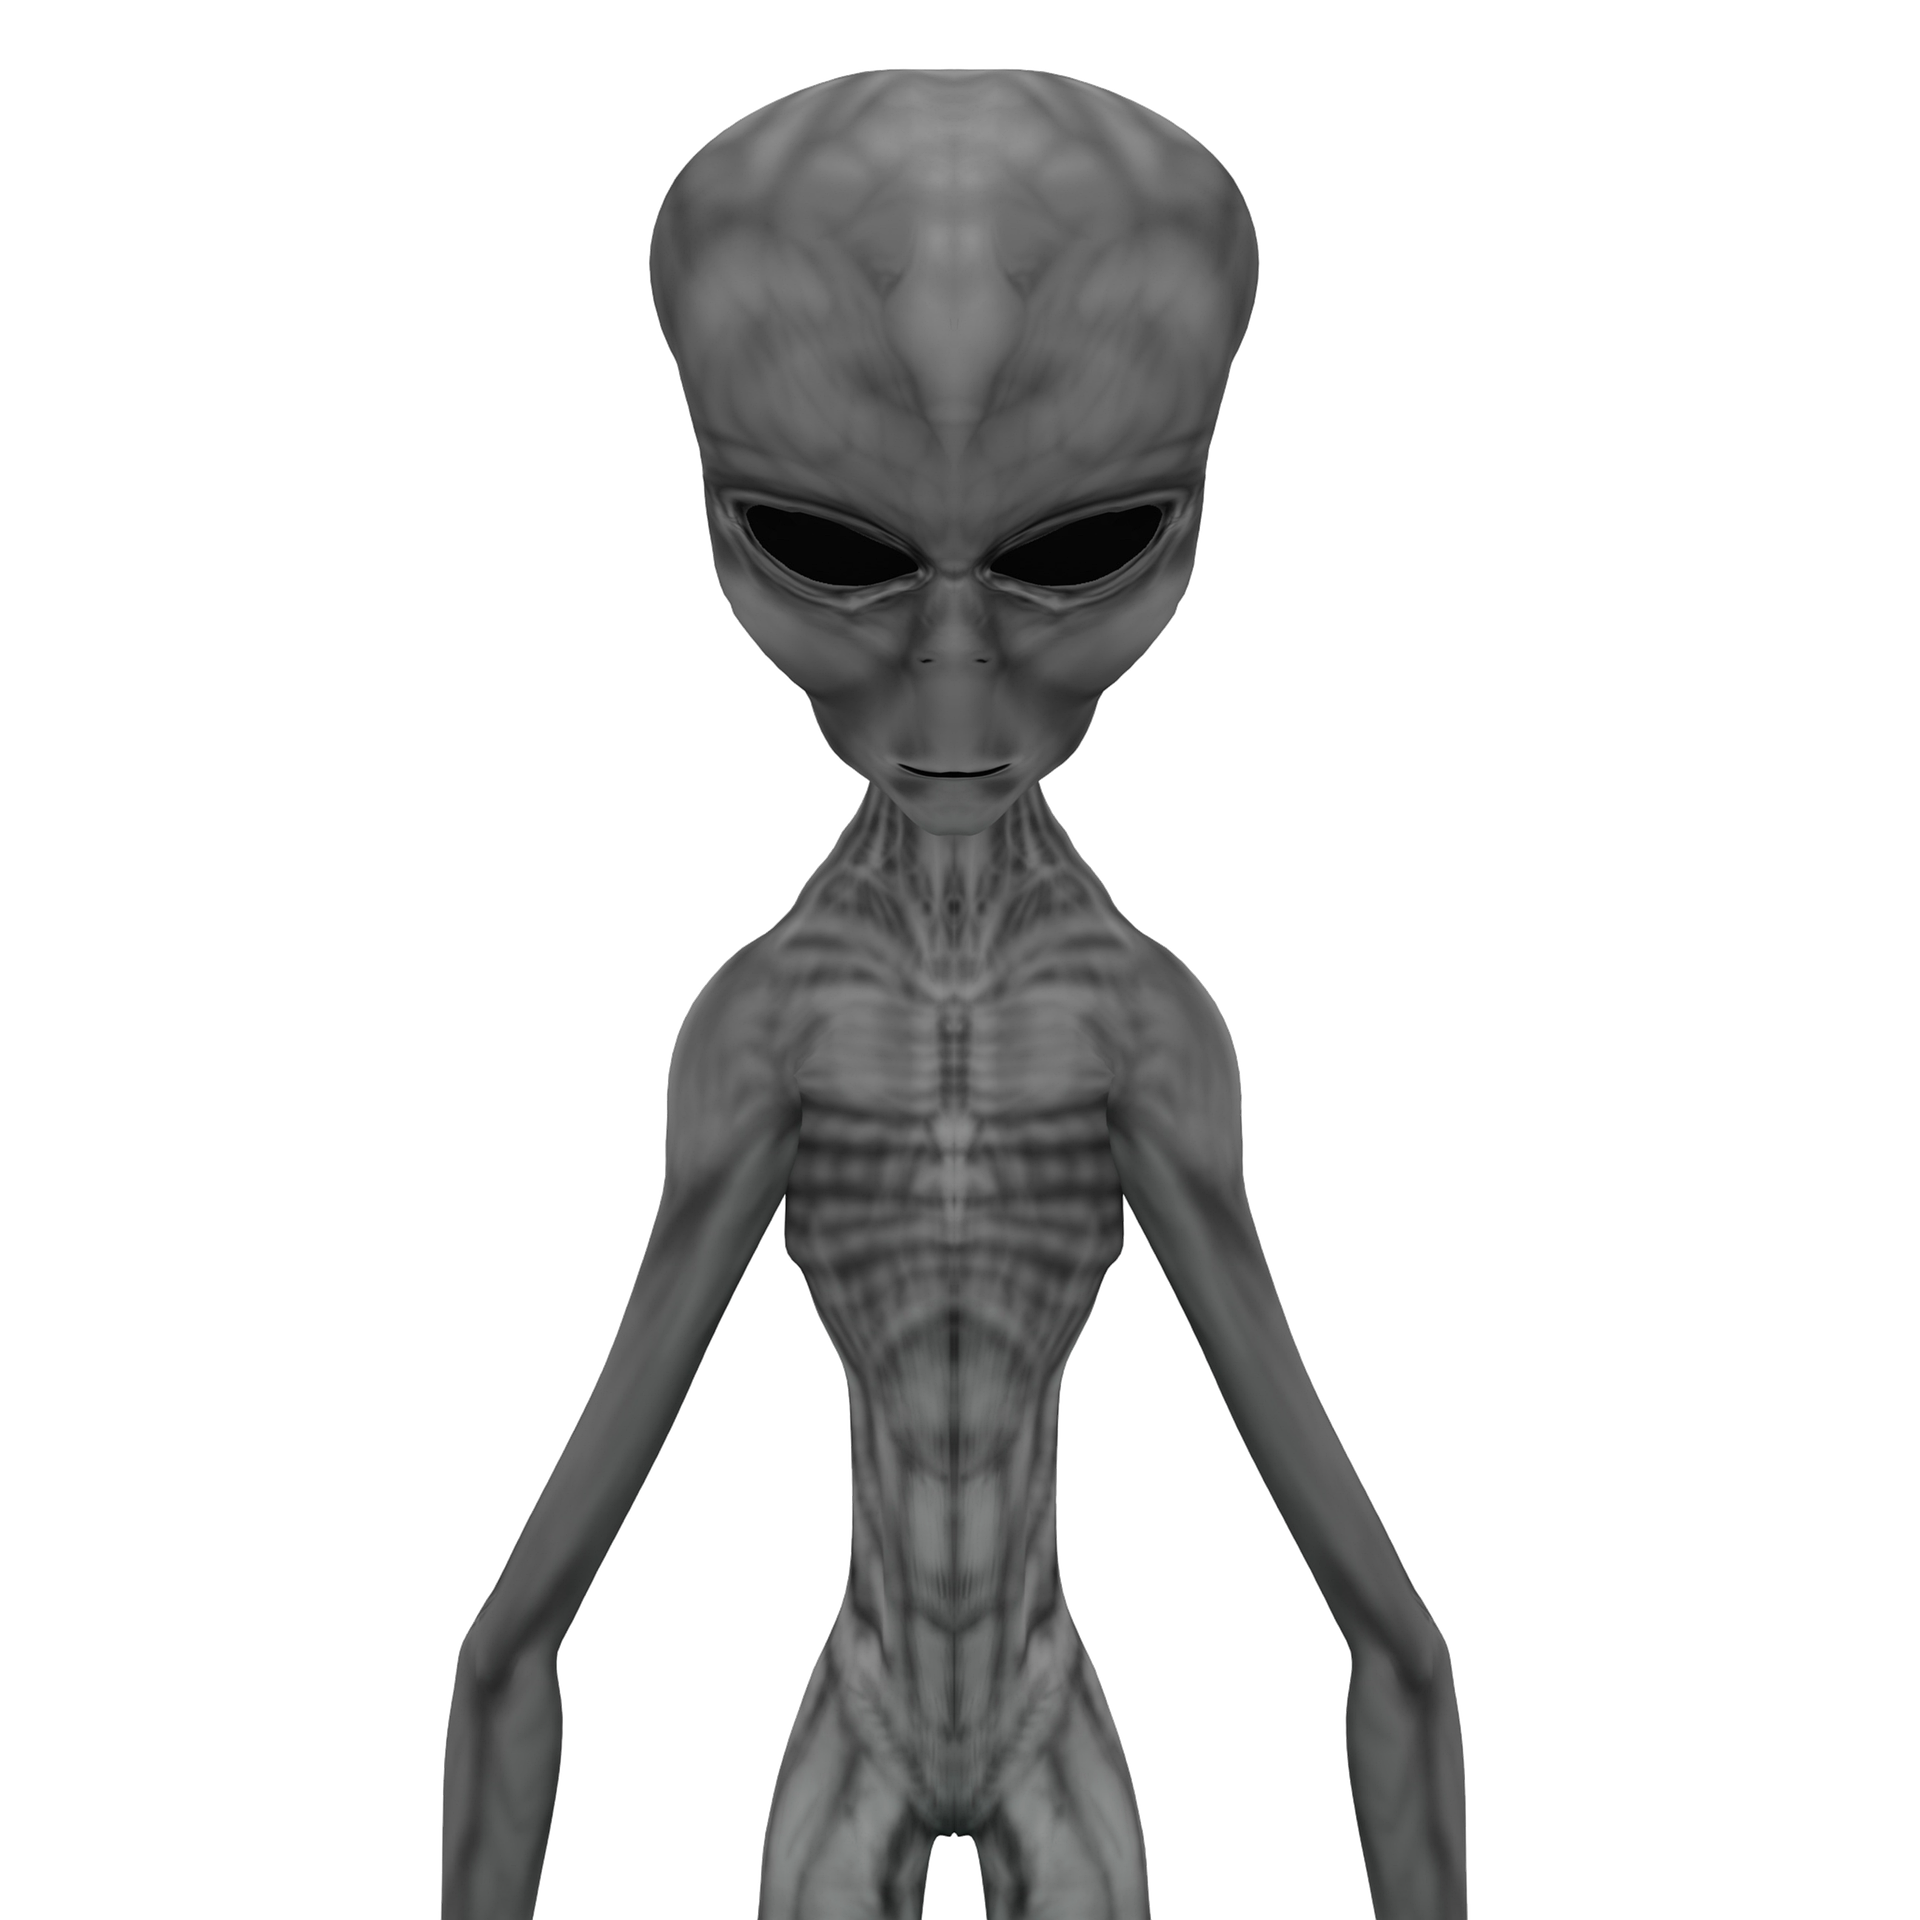 alien-5713089_1920.png